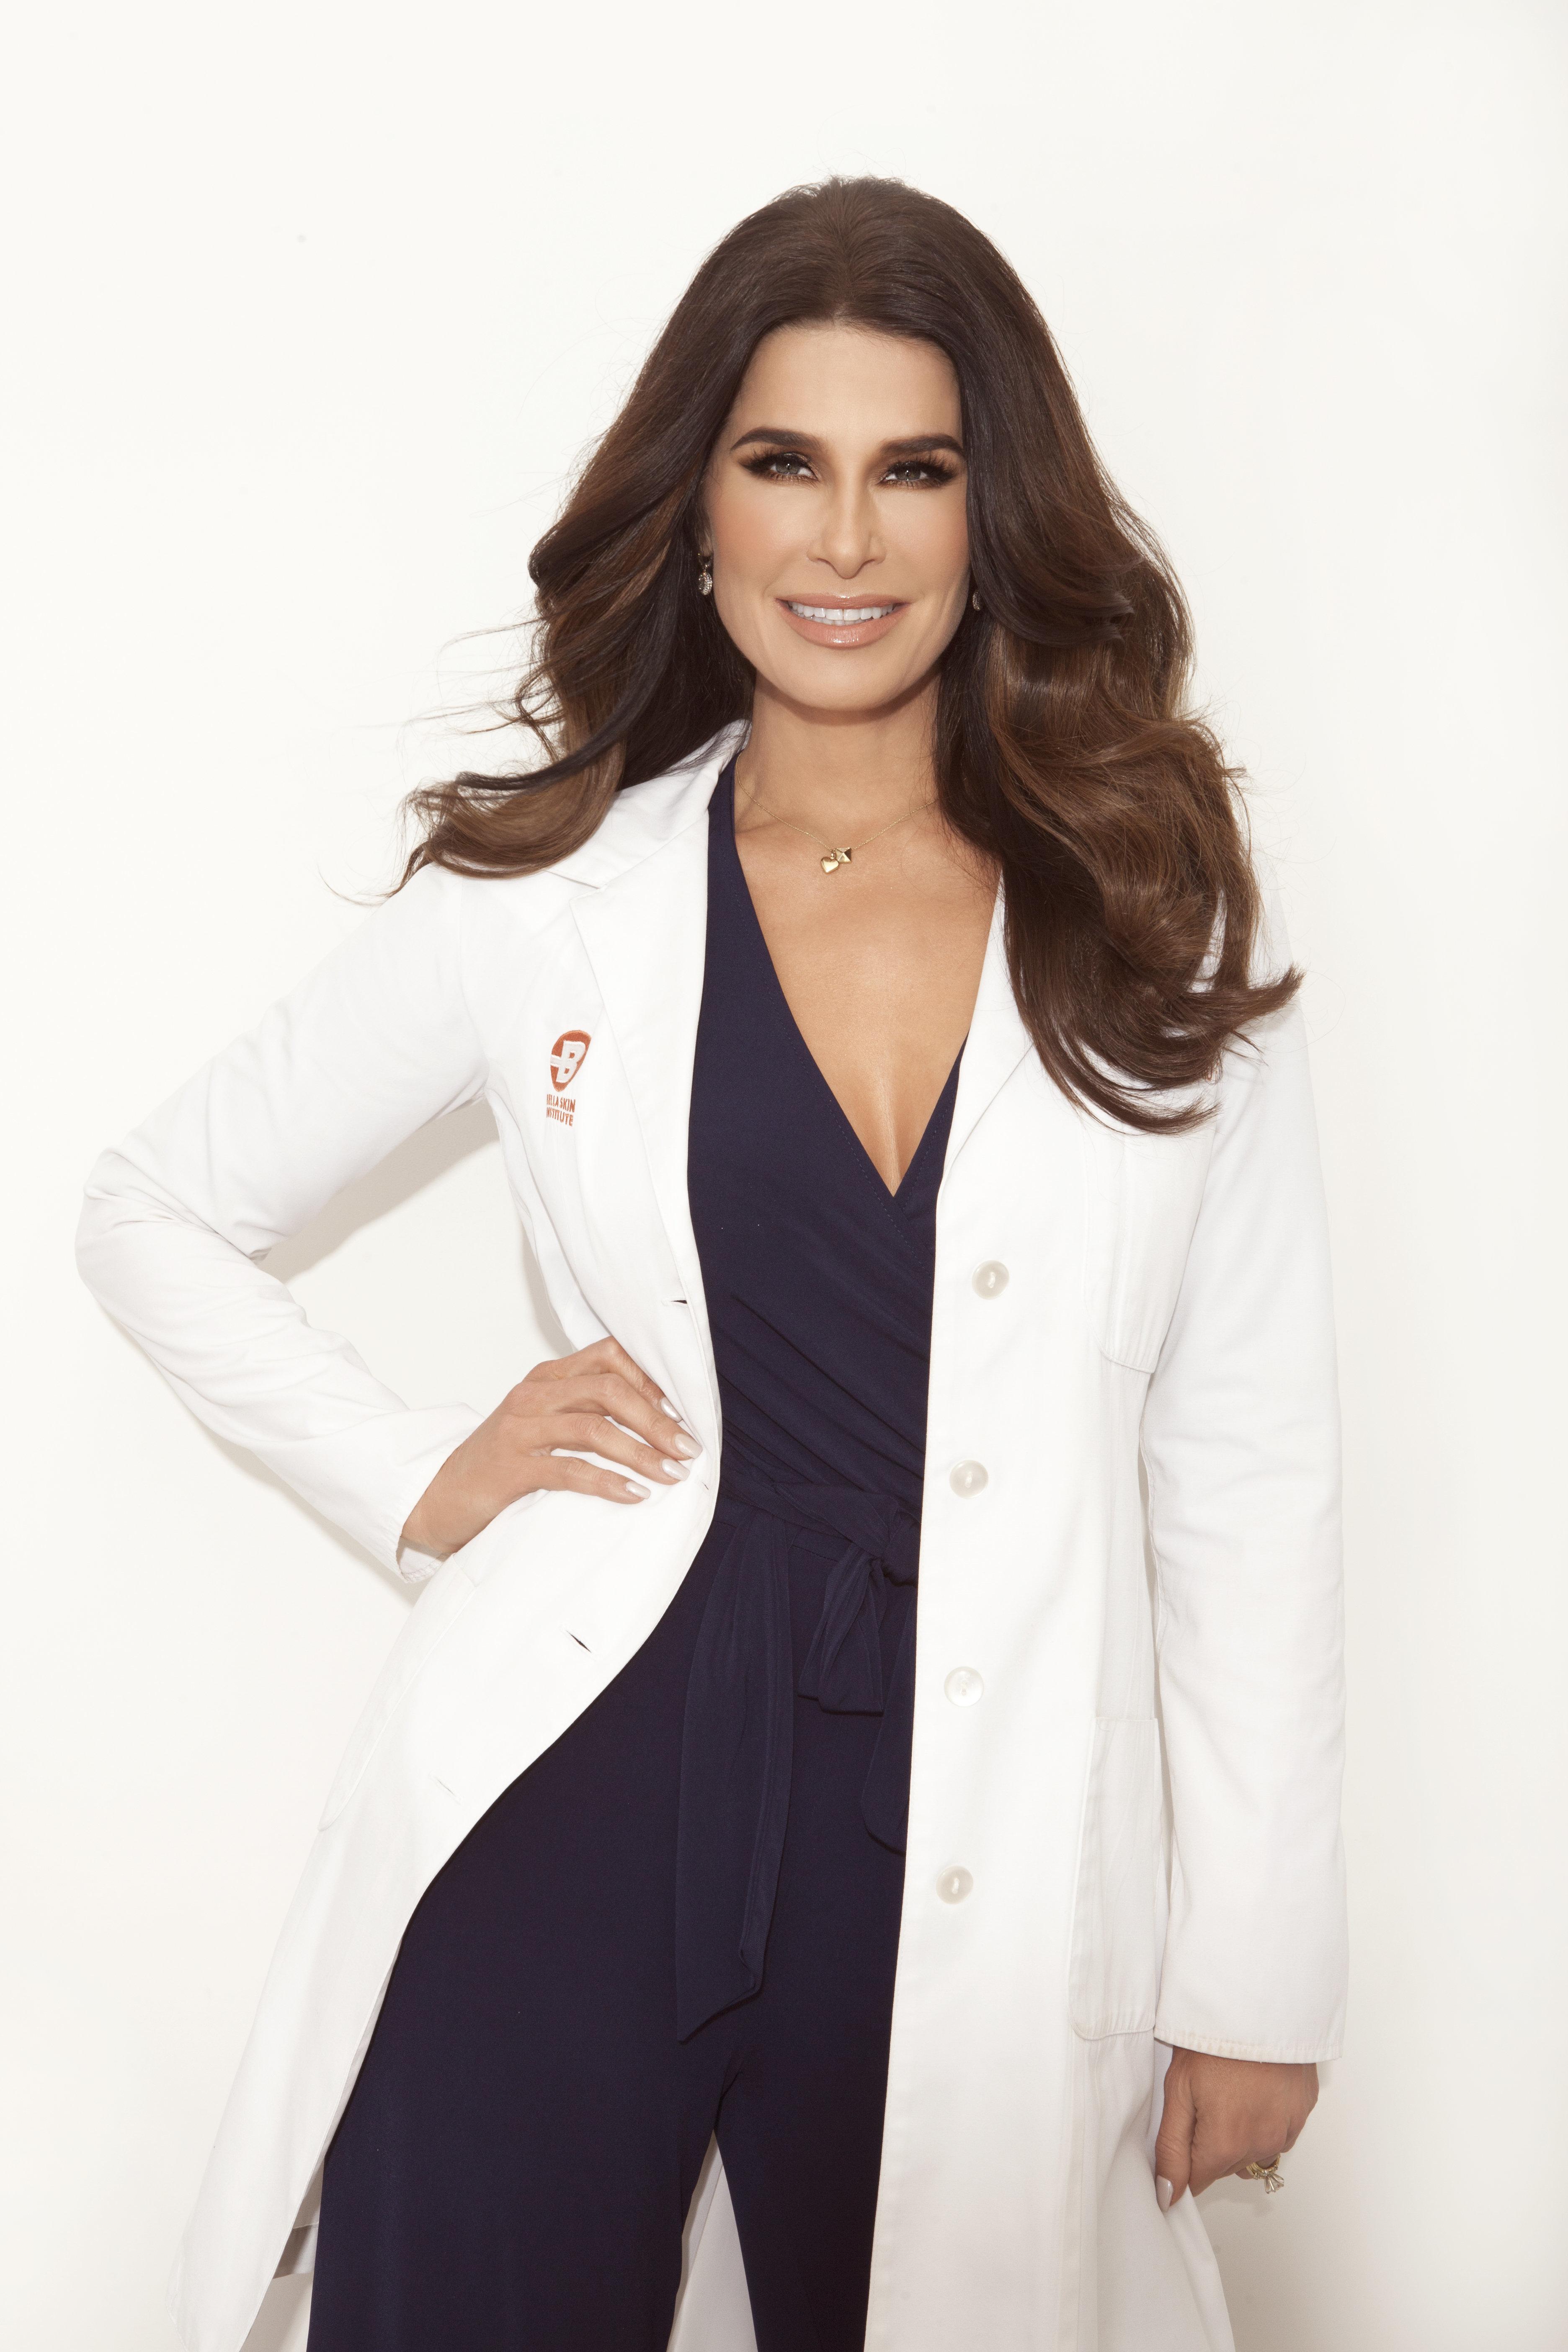 Dr. Anna Guance